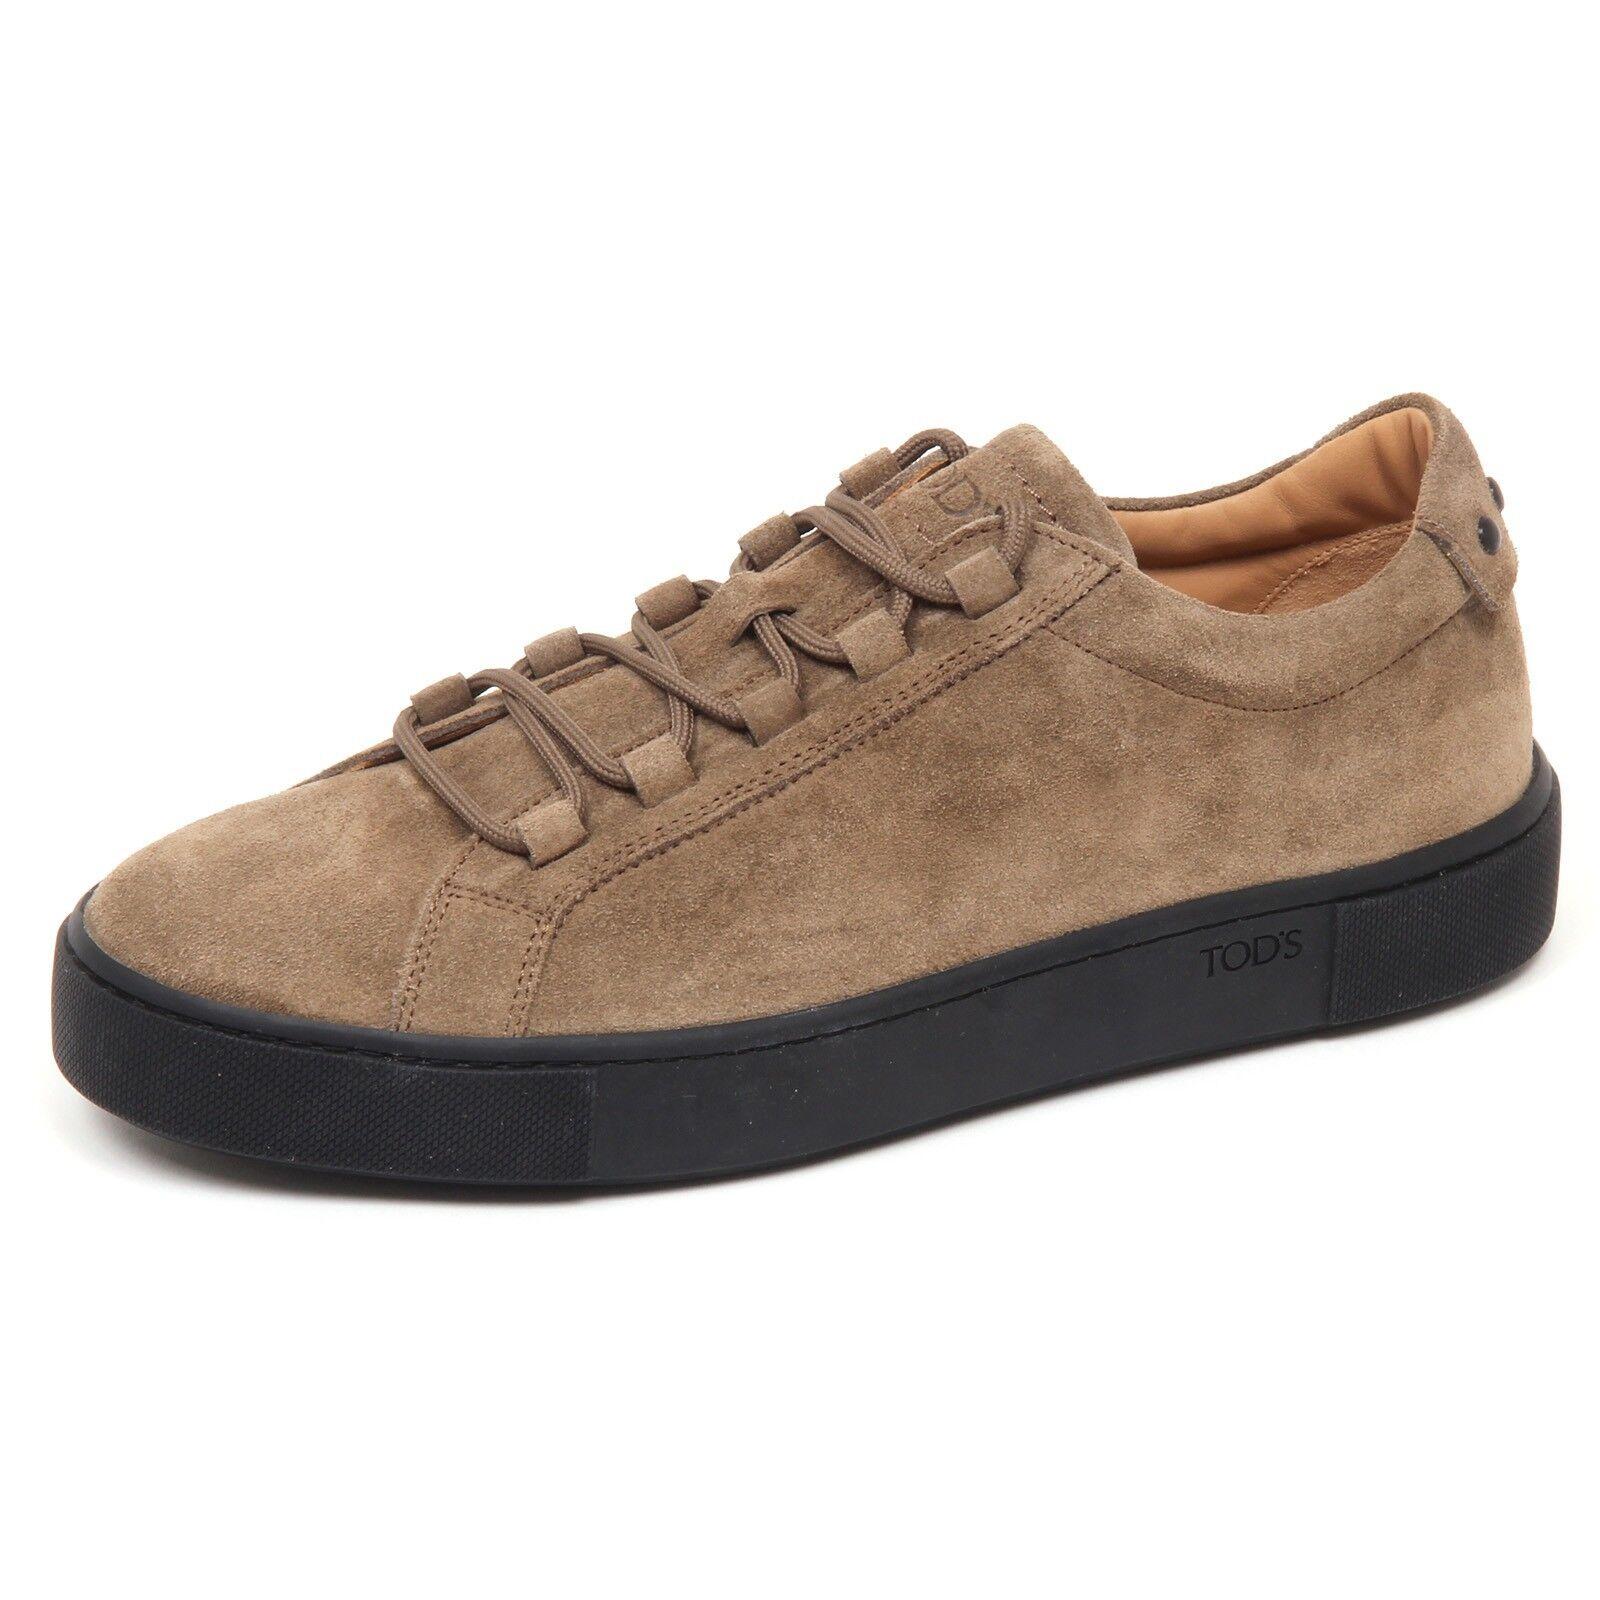 E7870 zapatilla de deporte hombres Luz Marrón TOD'S CASSETTA zapatos Zapato De Gamuza Hombre